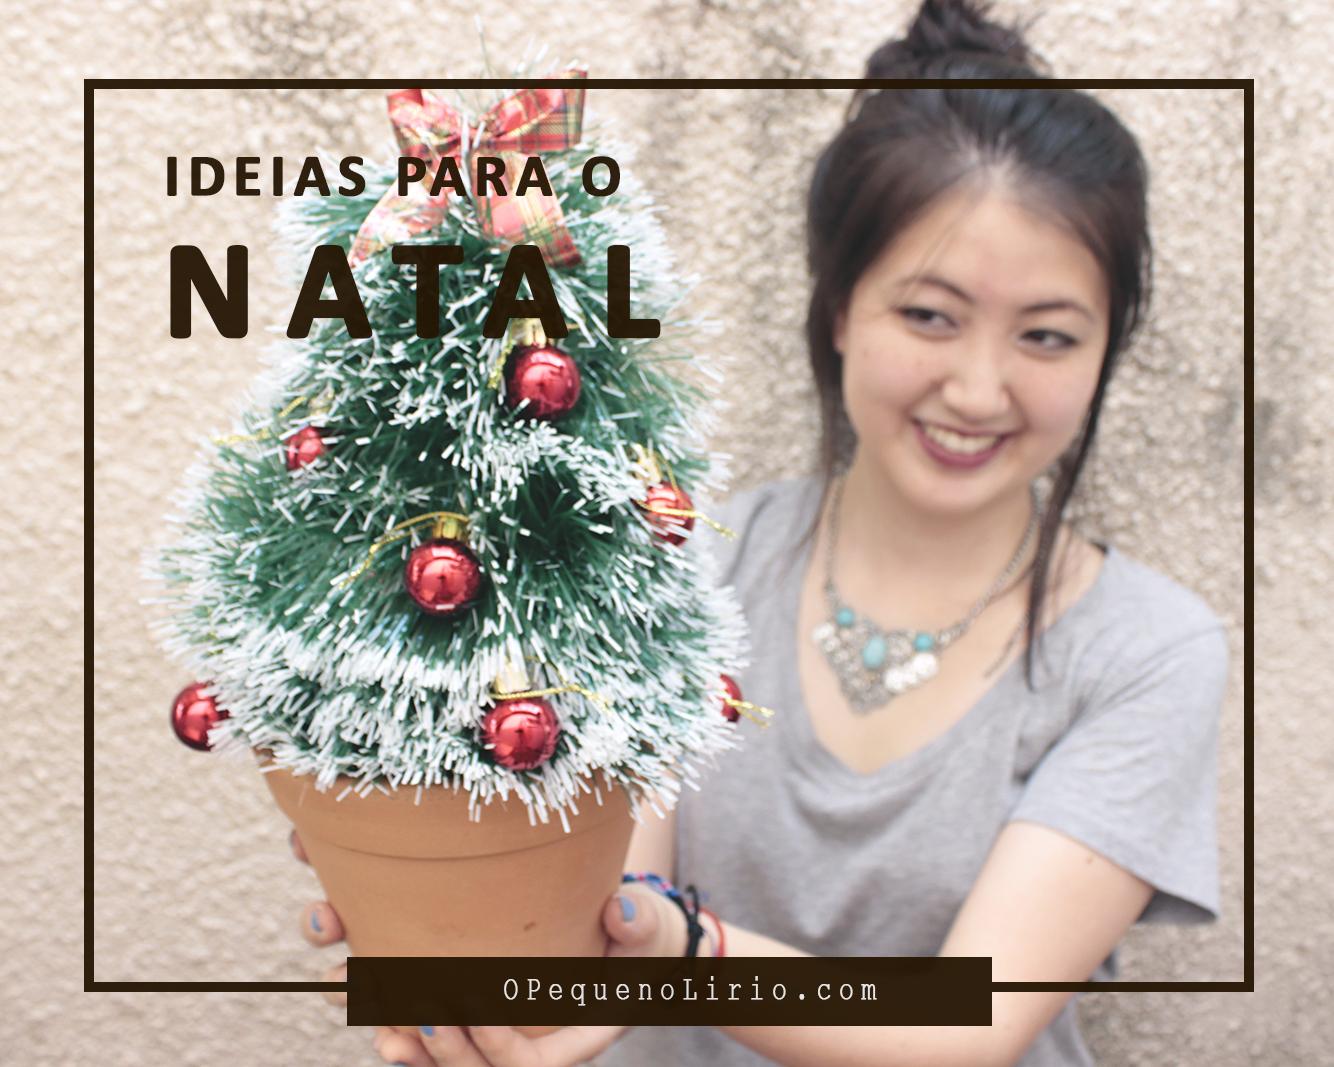 Ideias para o Natal | DOSES DE INSPIRAÇÃO